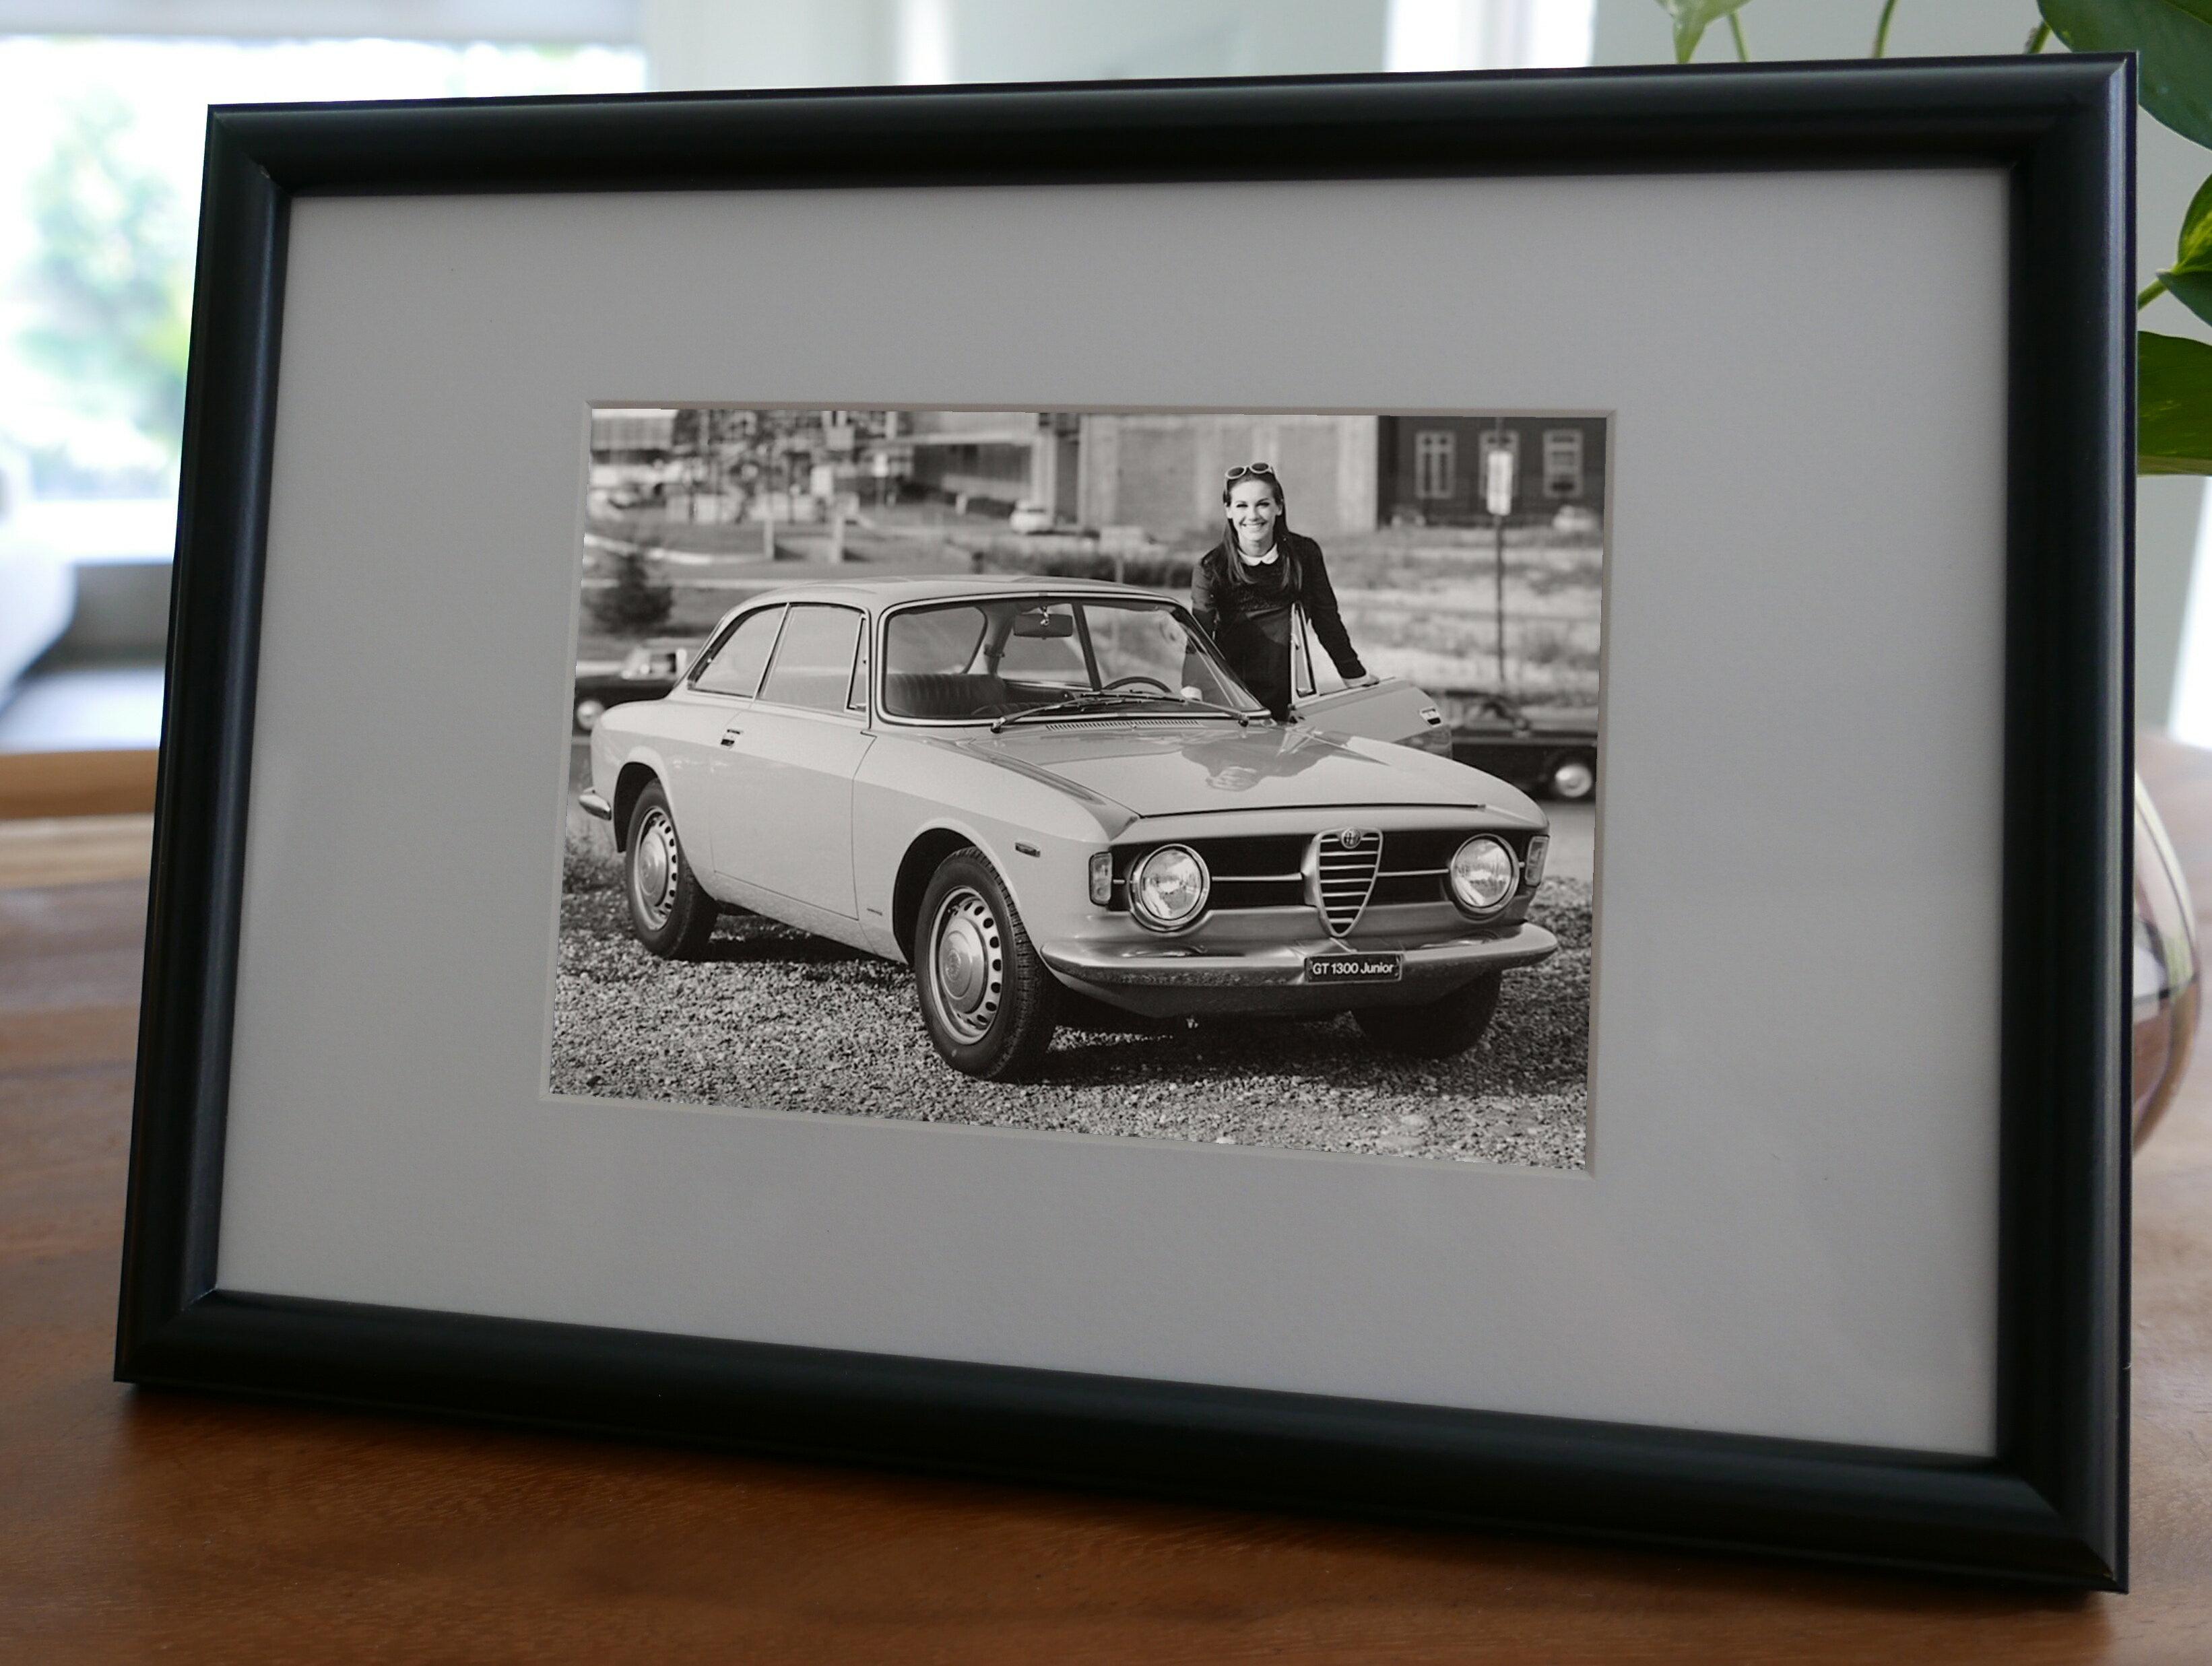 聚鯨Cetacea﹡Art【KLFZ-0275】city城市/car汽車/classic經典 畫框相框